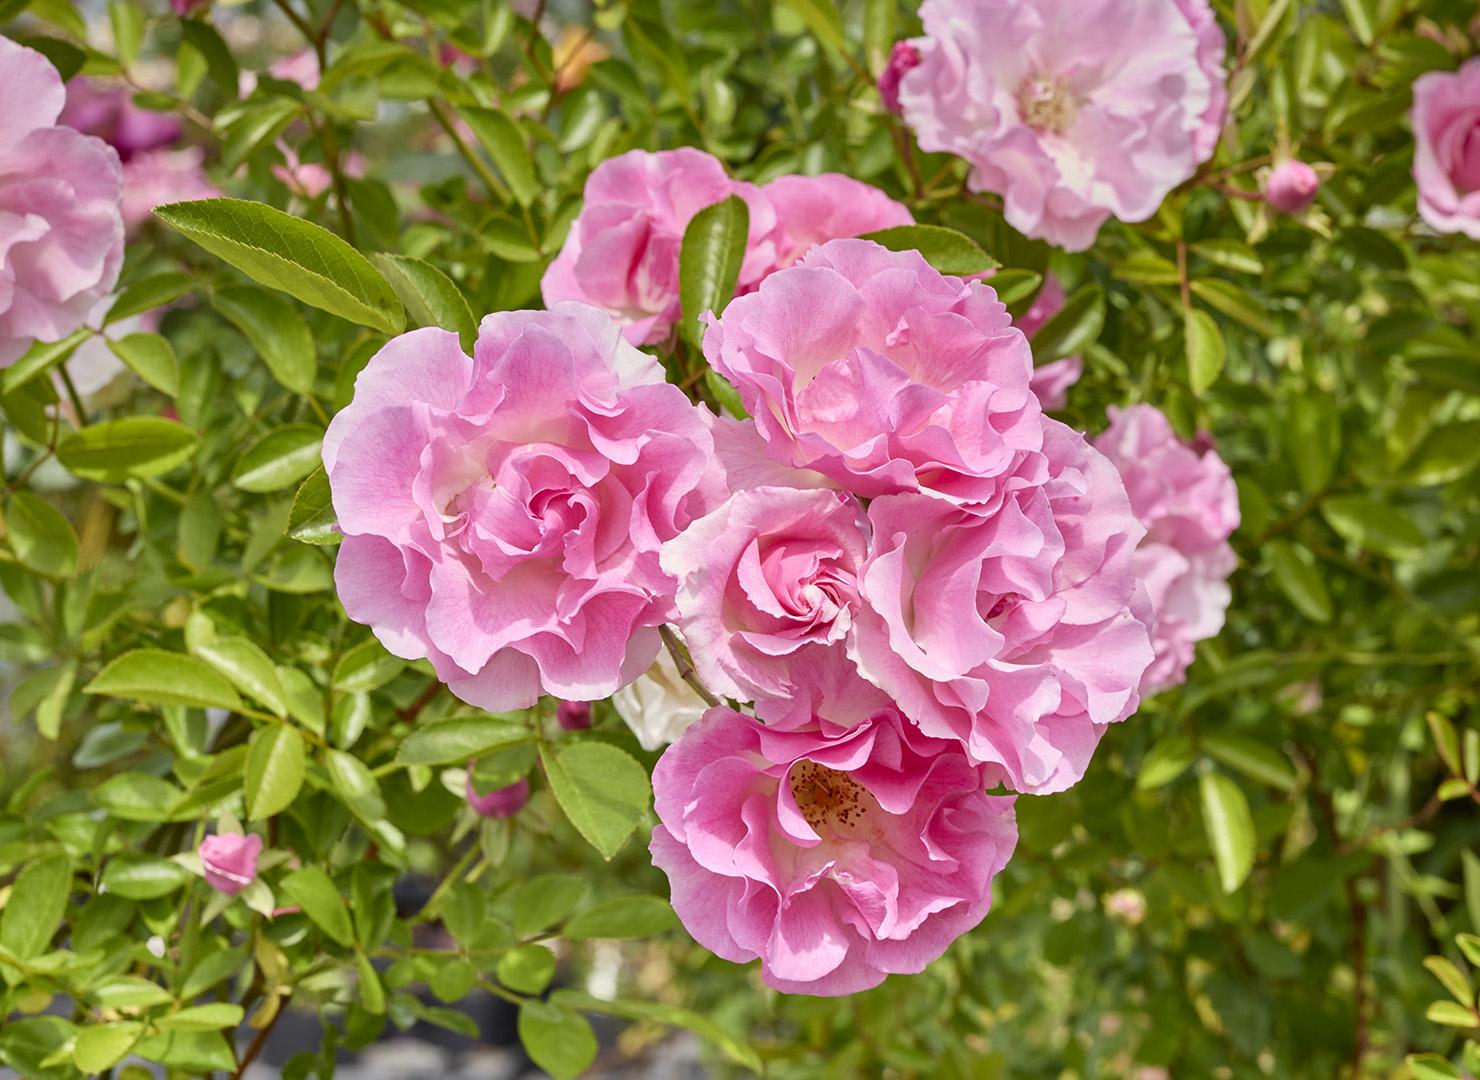 春がすみ - Harugasumi